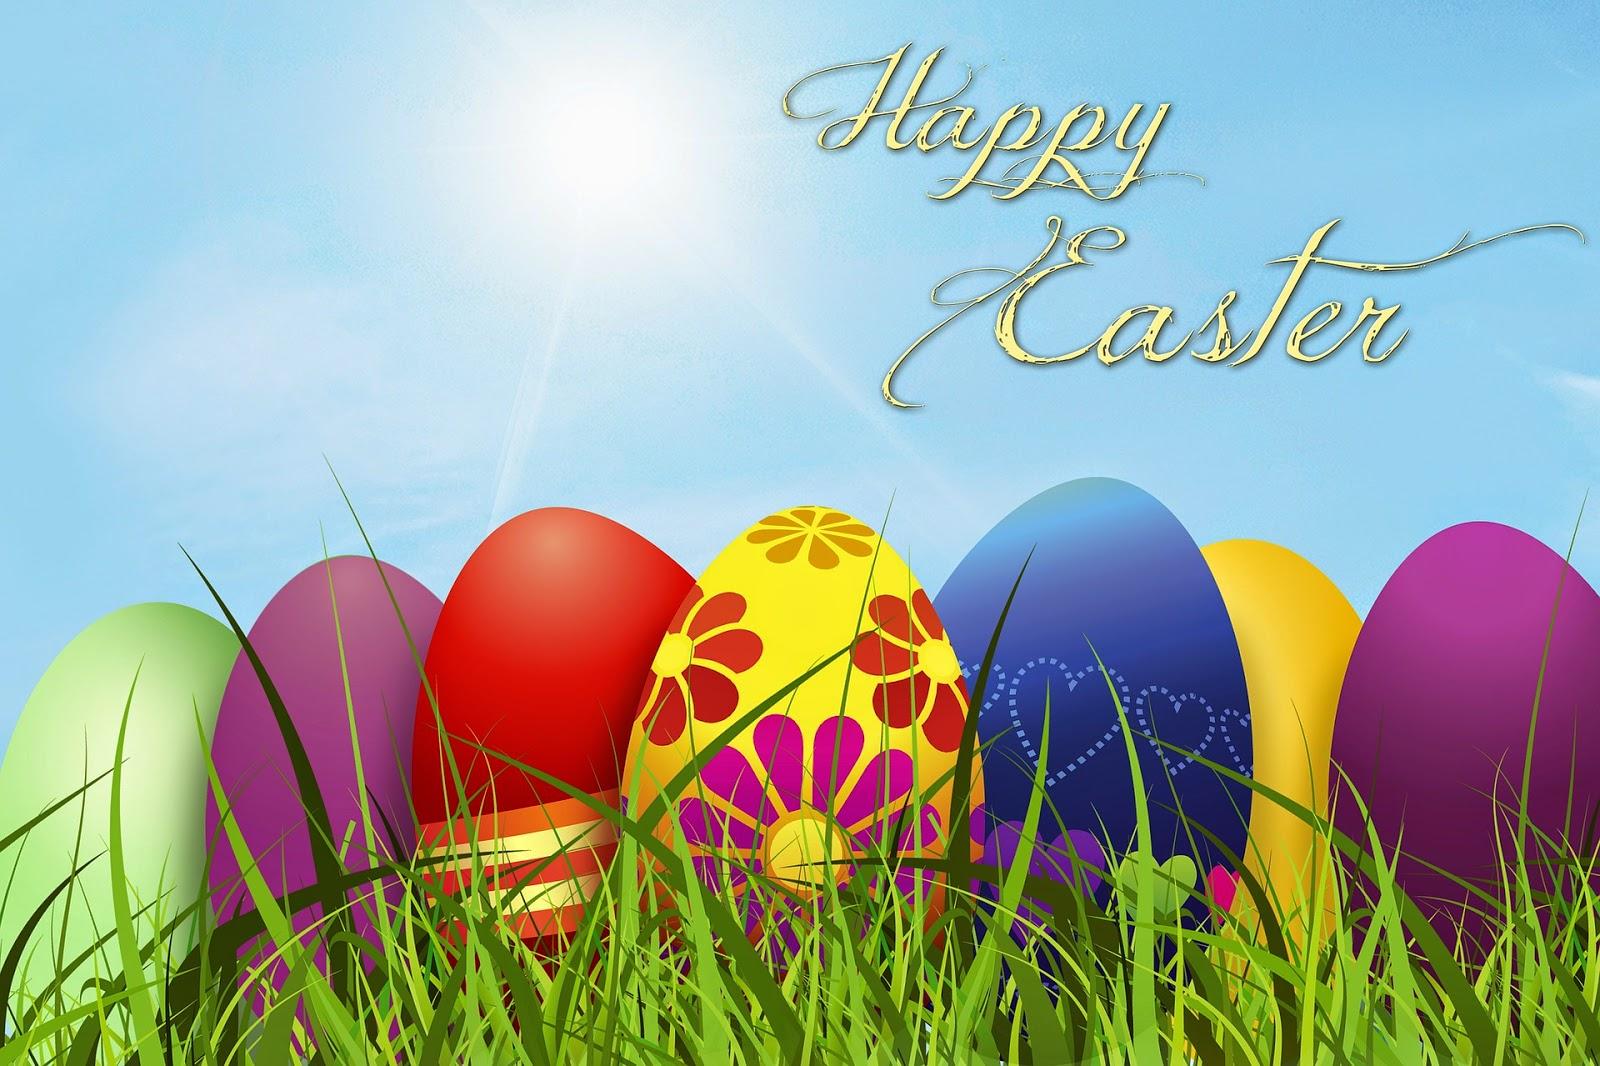 Free easter desktop wallpapers wallpapersafari - Easter desktop wallpaper ...